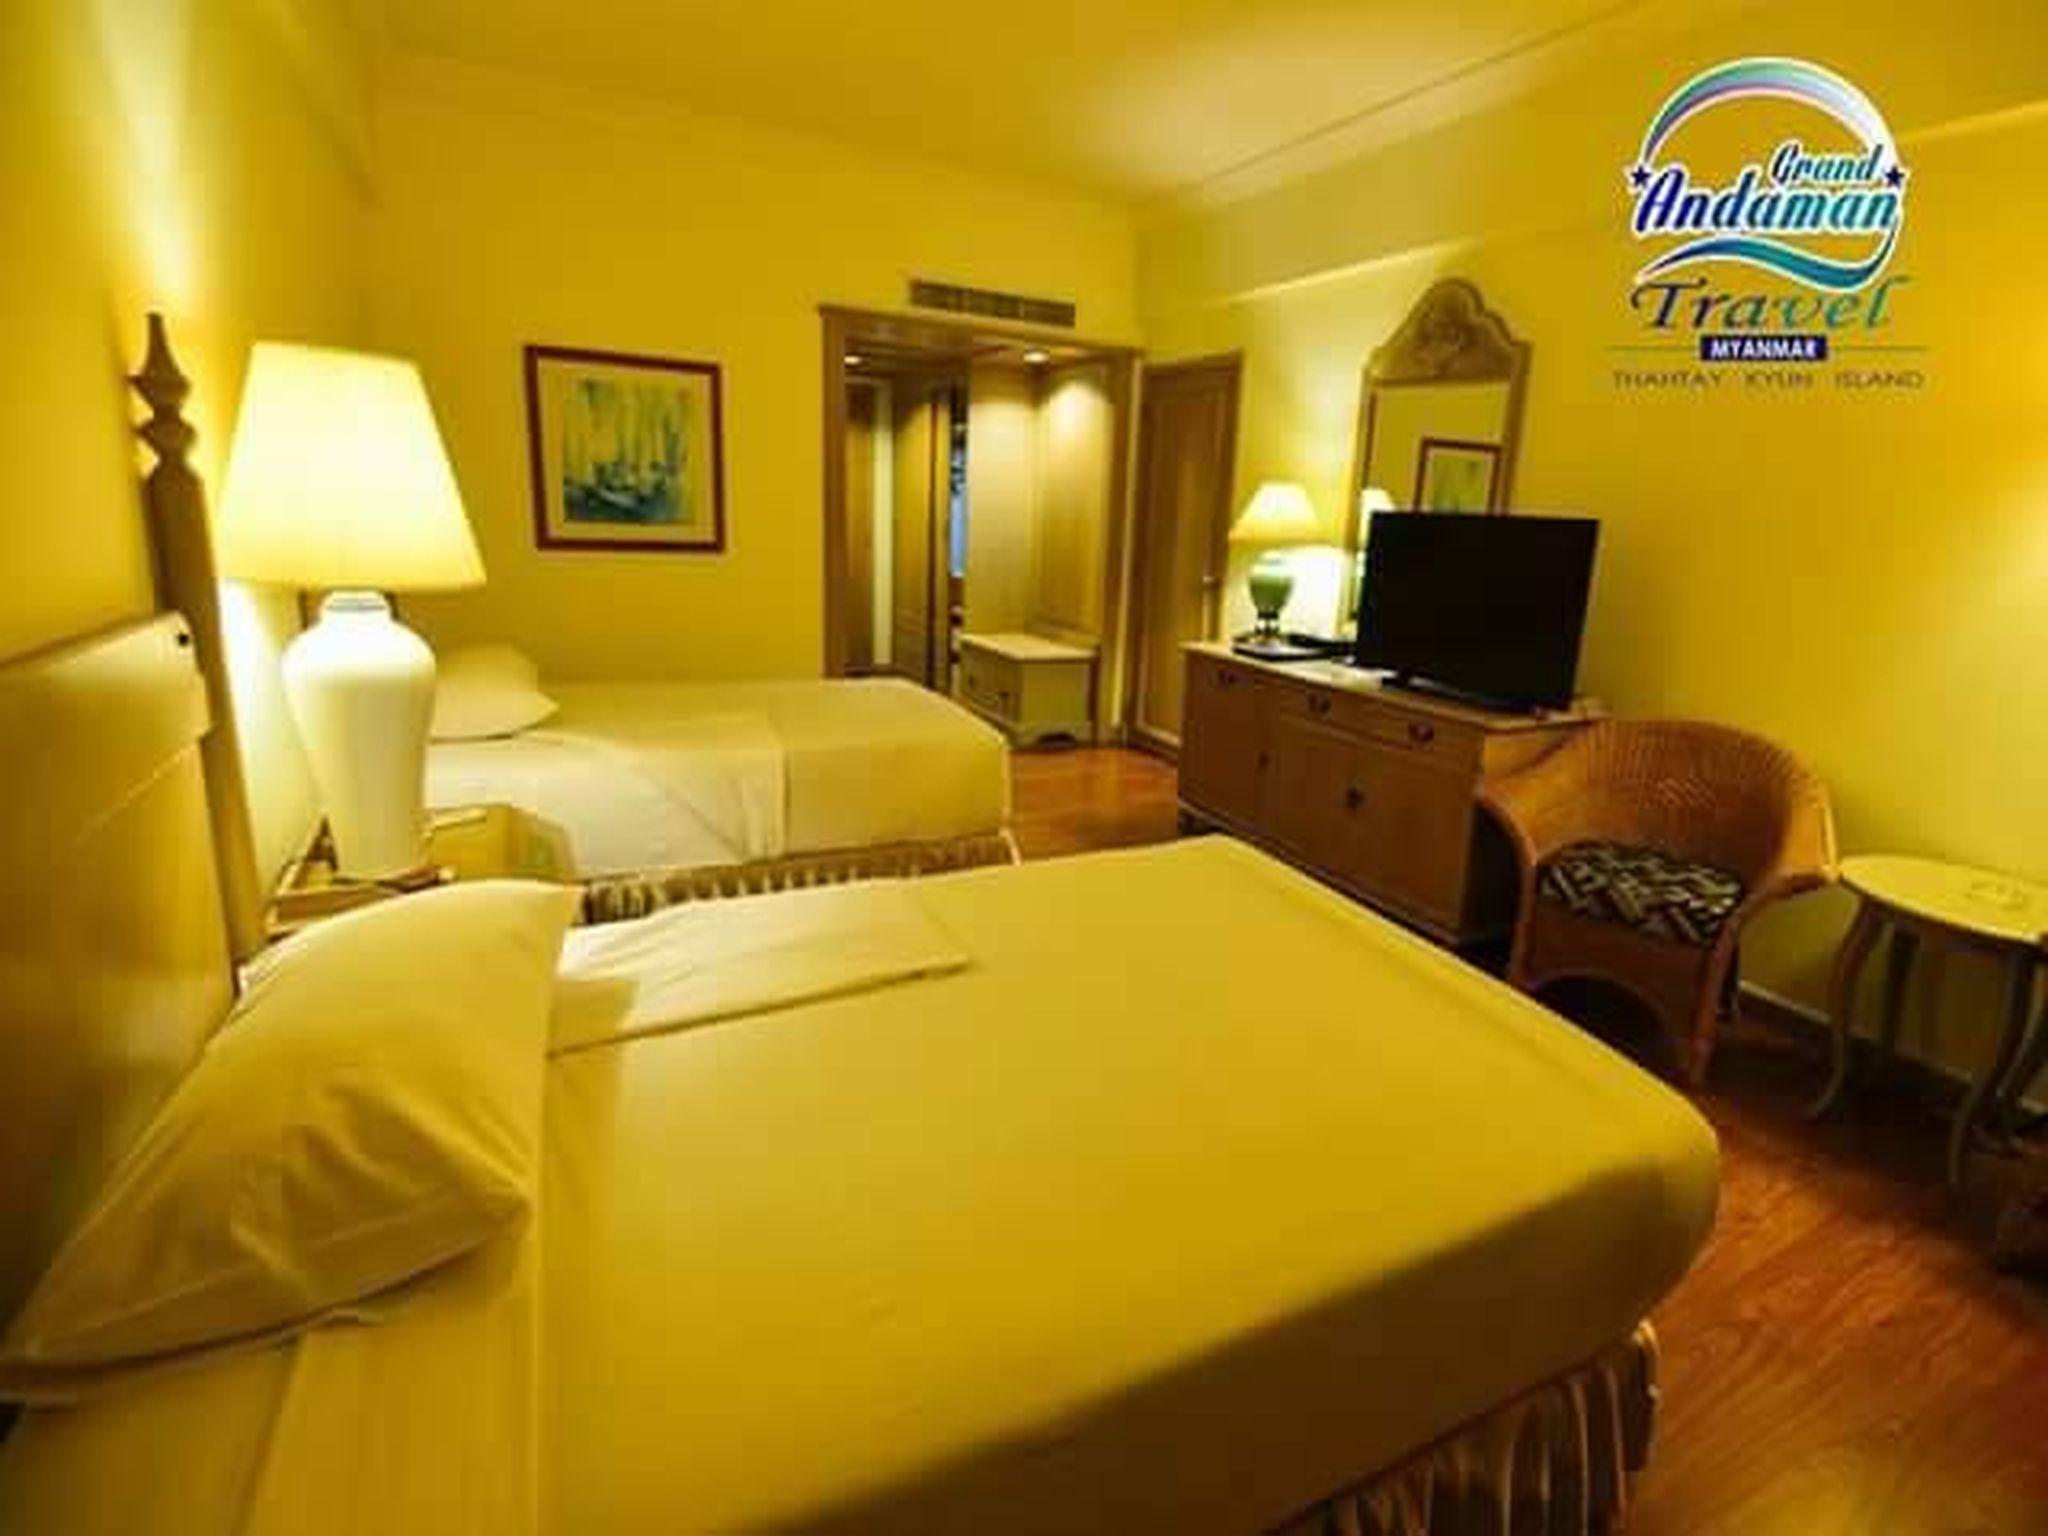 โรงแรมแกรนดฺ์อันดามัน